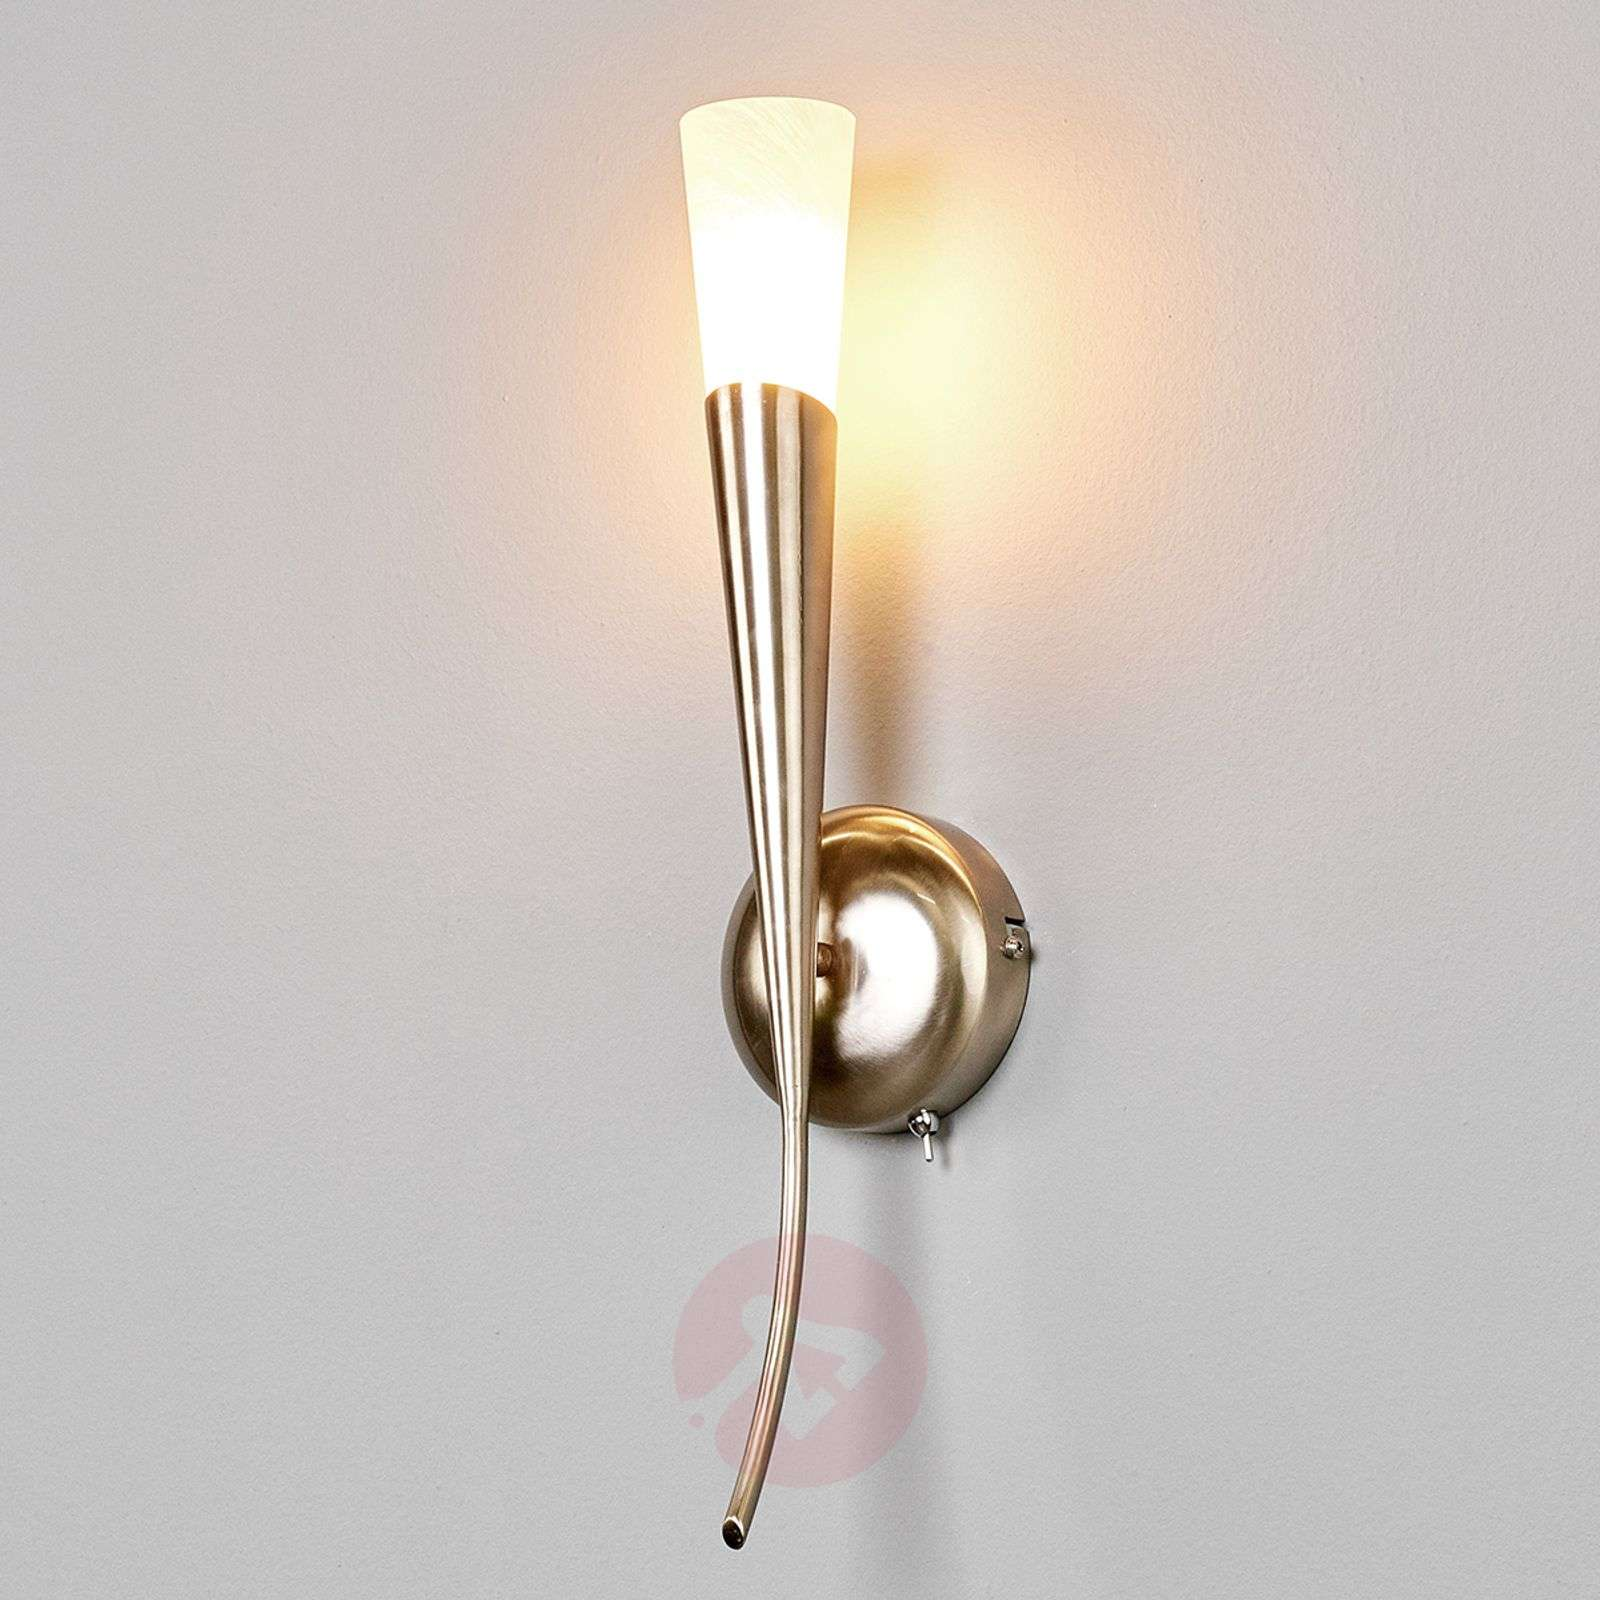 Sander led wall torch matt nickel lights sander led wall torch matt nickel 9620138 01 audiocablefo